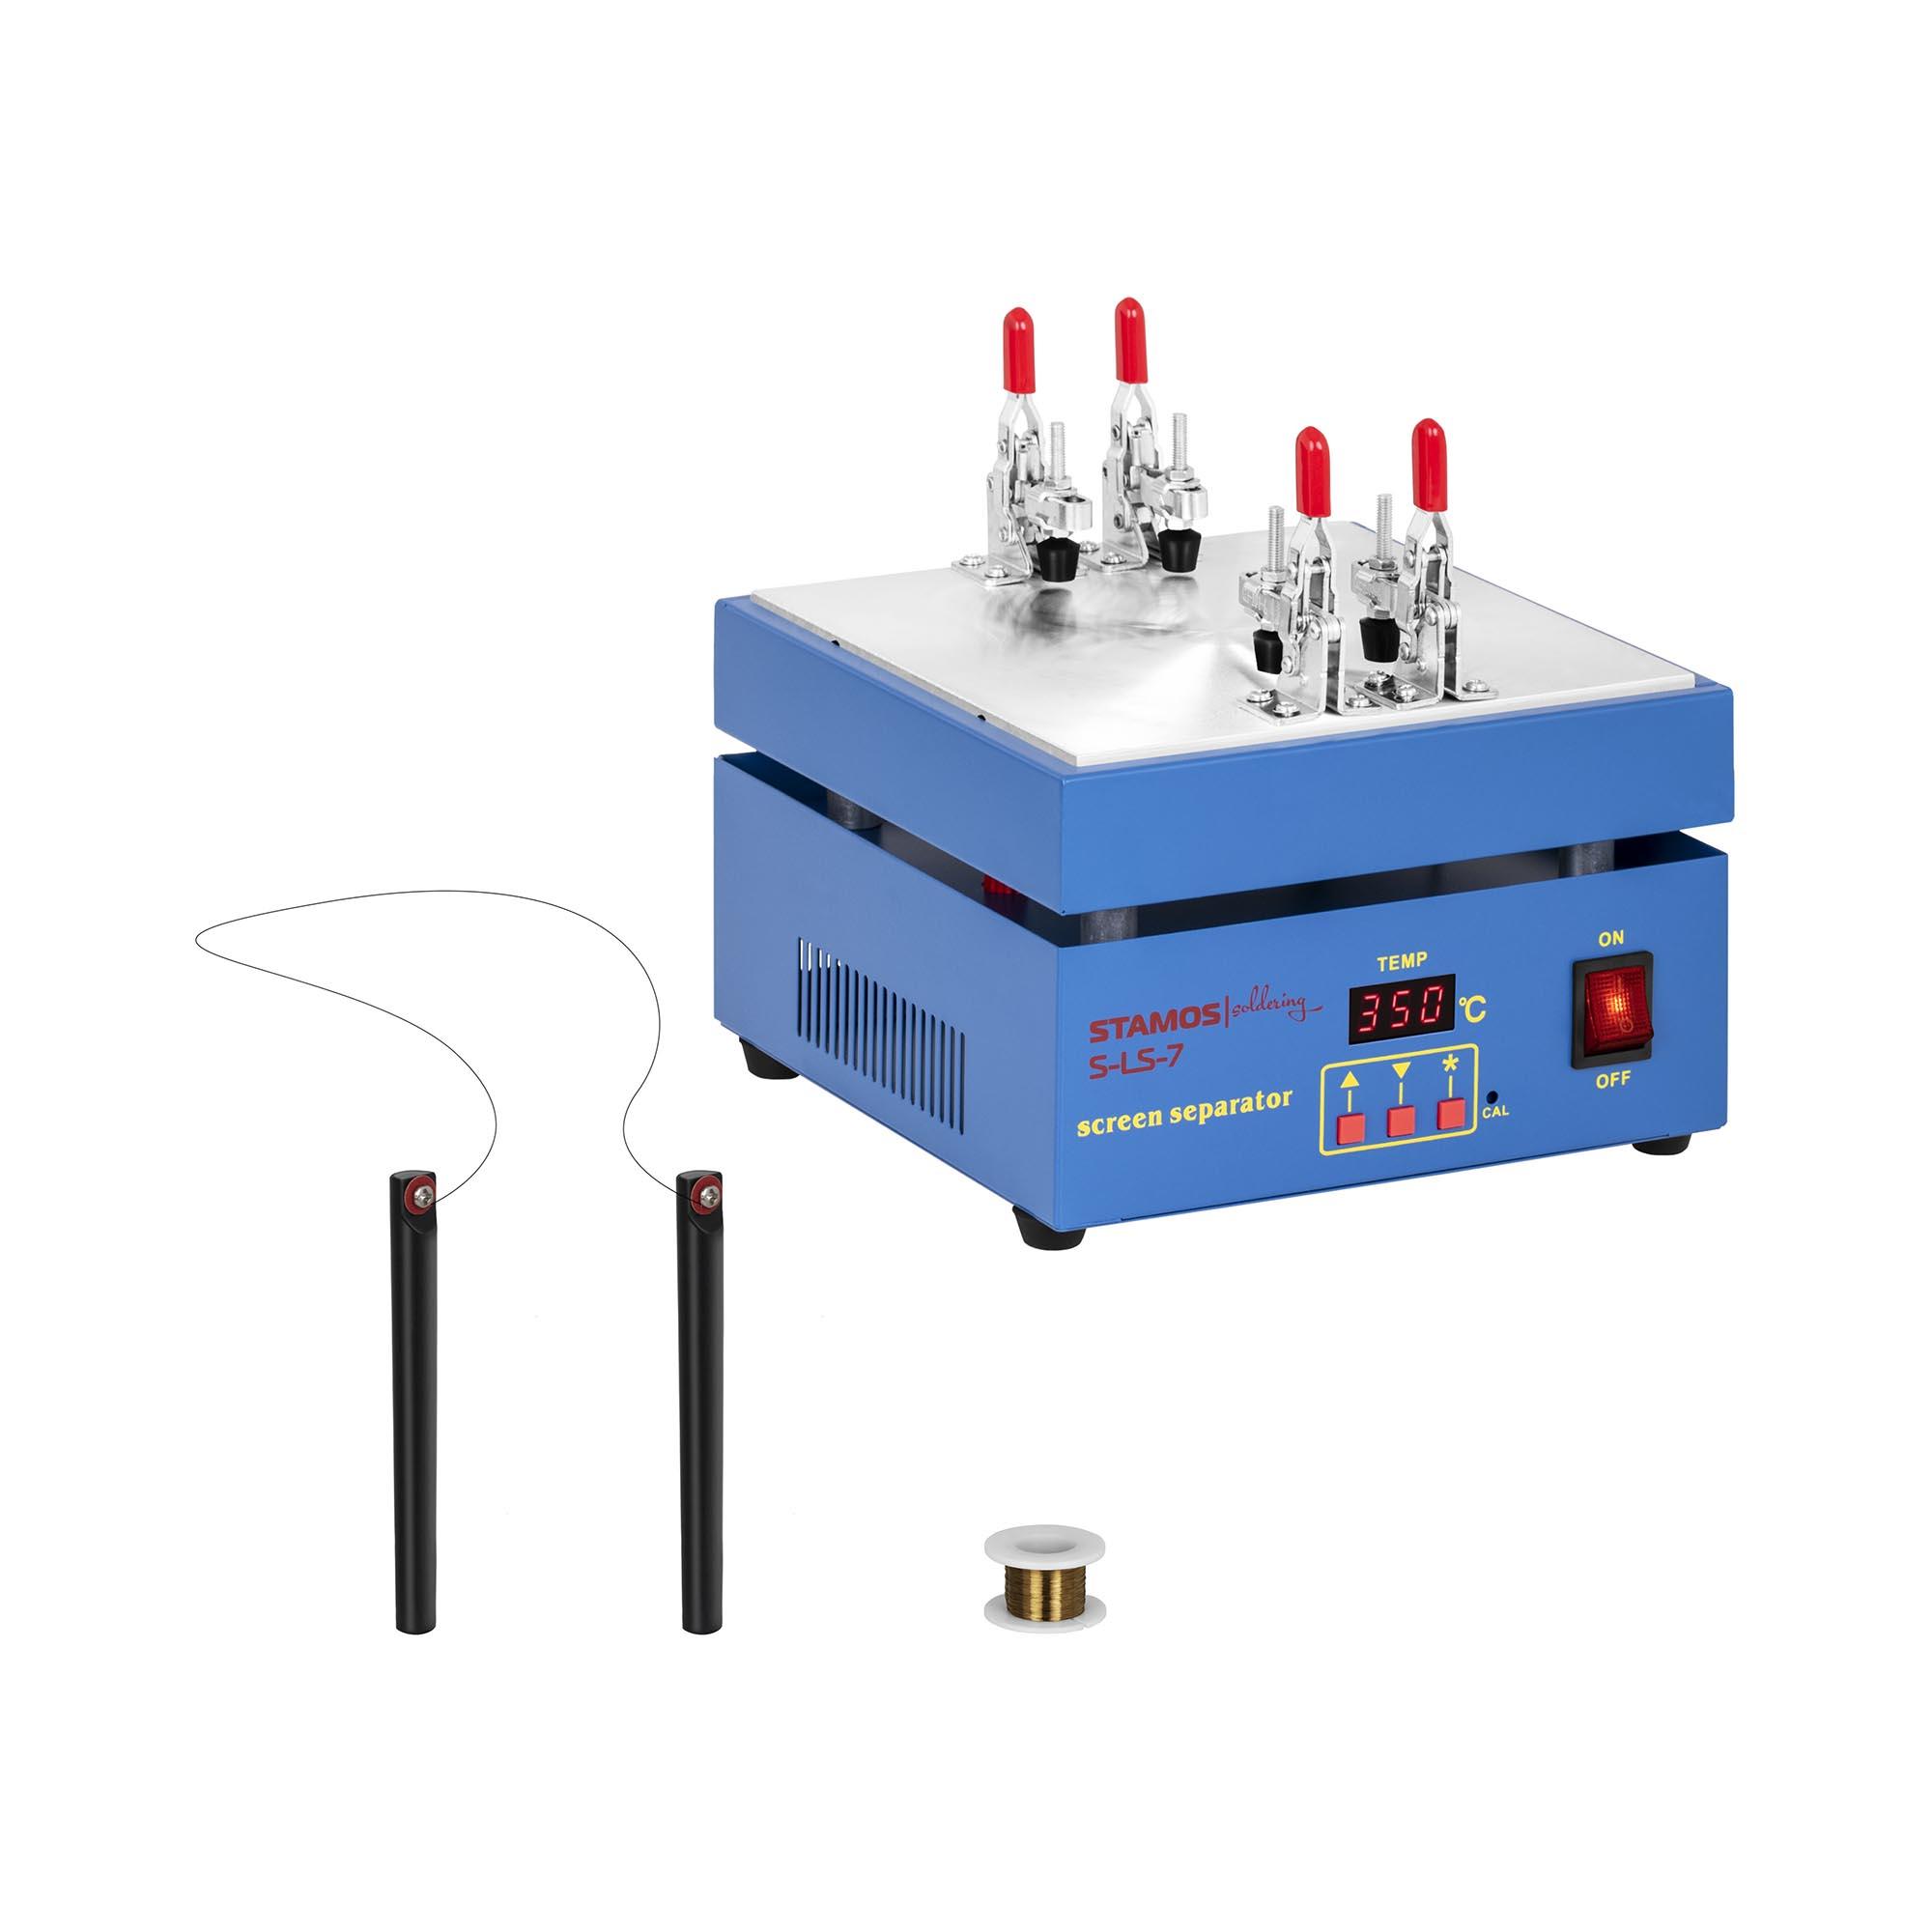 Stamos Soldering Display-Reparaturmaschine S-LS-7